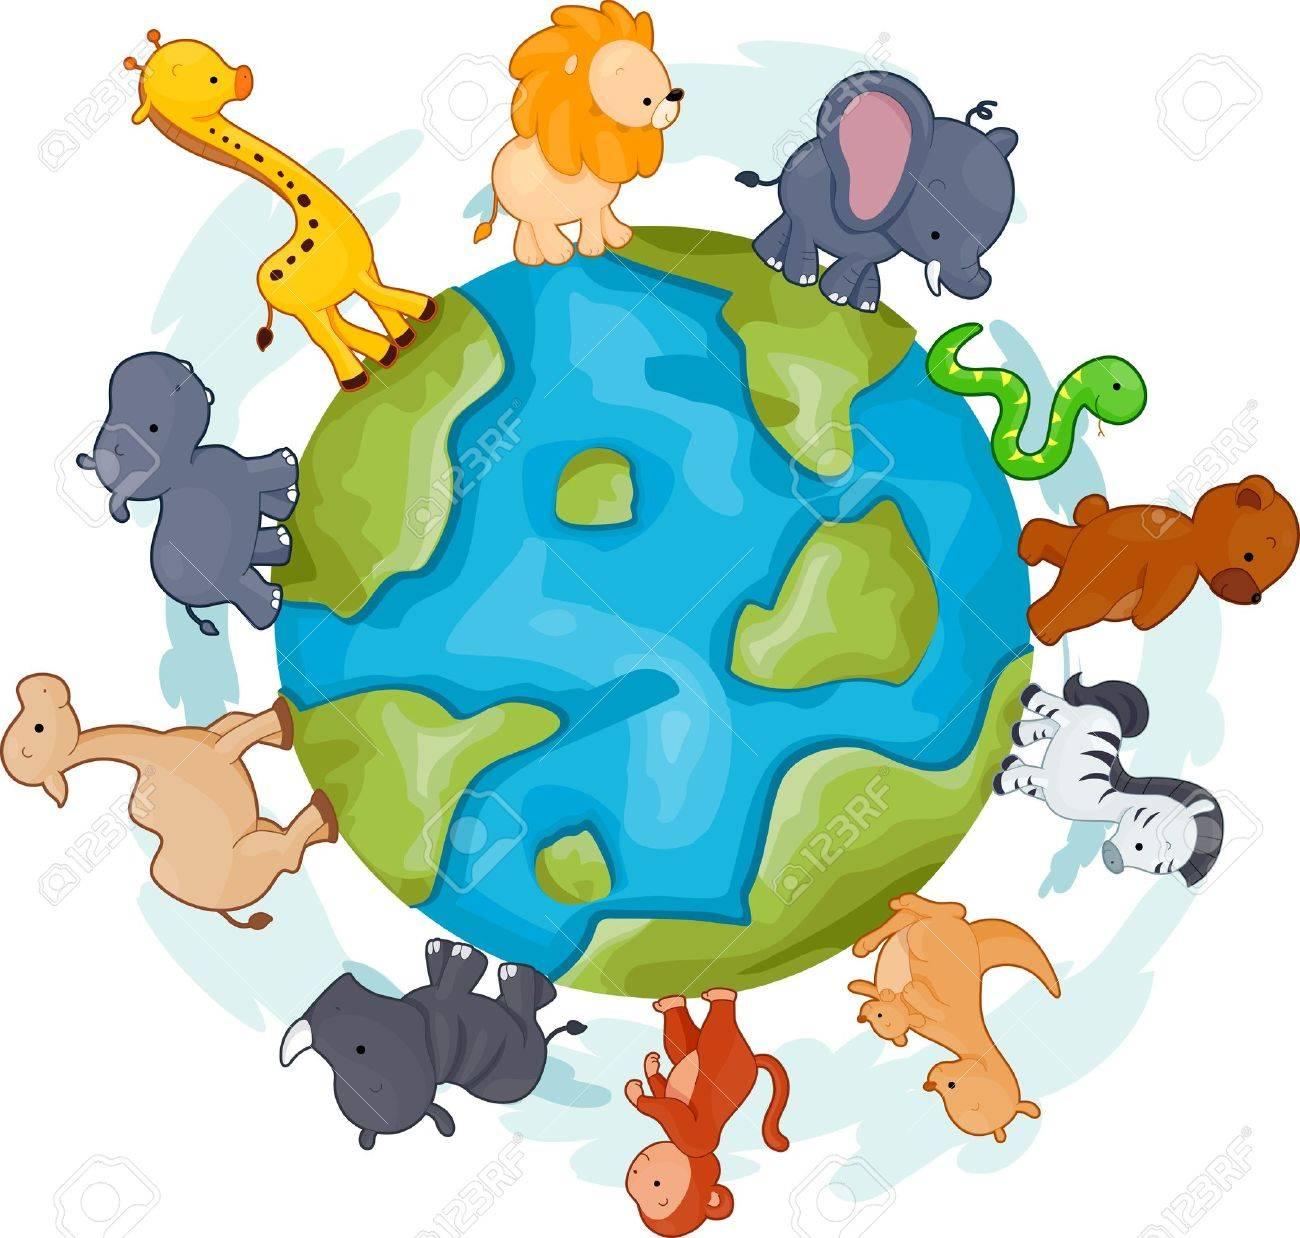 地球の周りを歩いて動物のイラスト の写真素材画像素材 Image 9670351